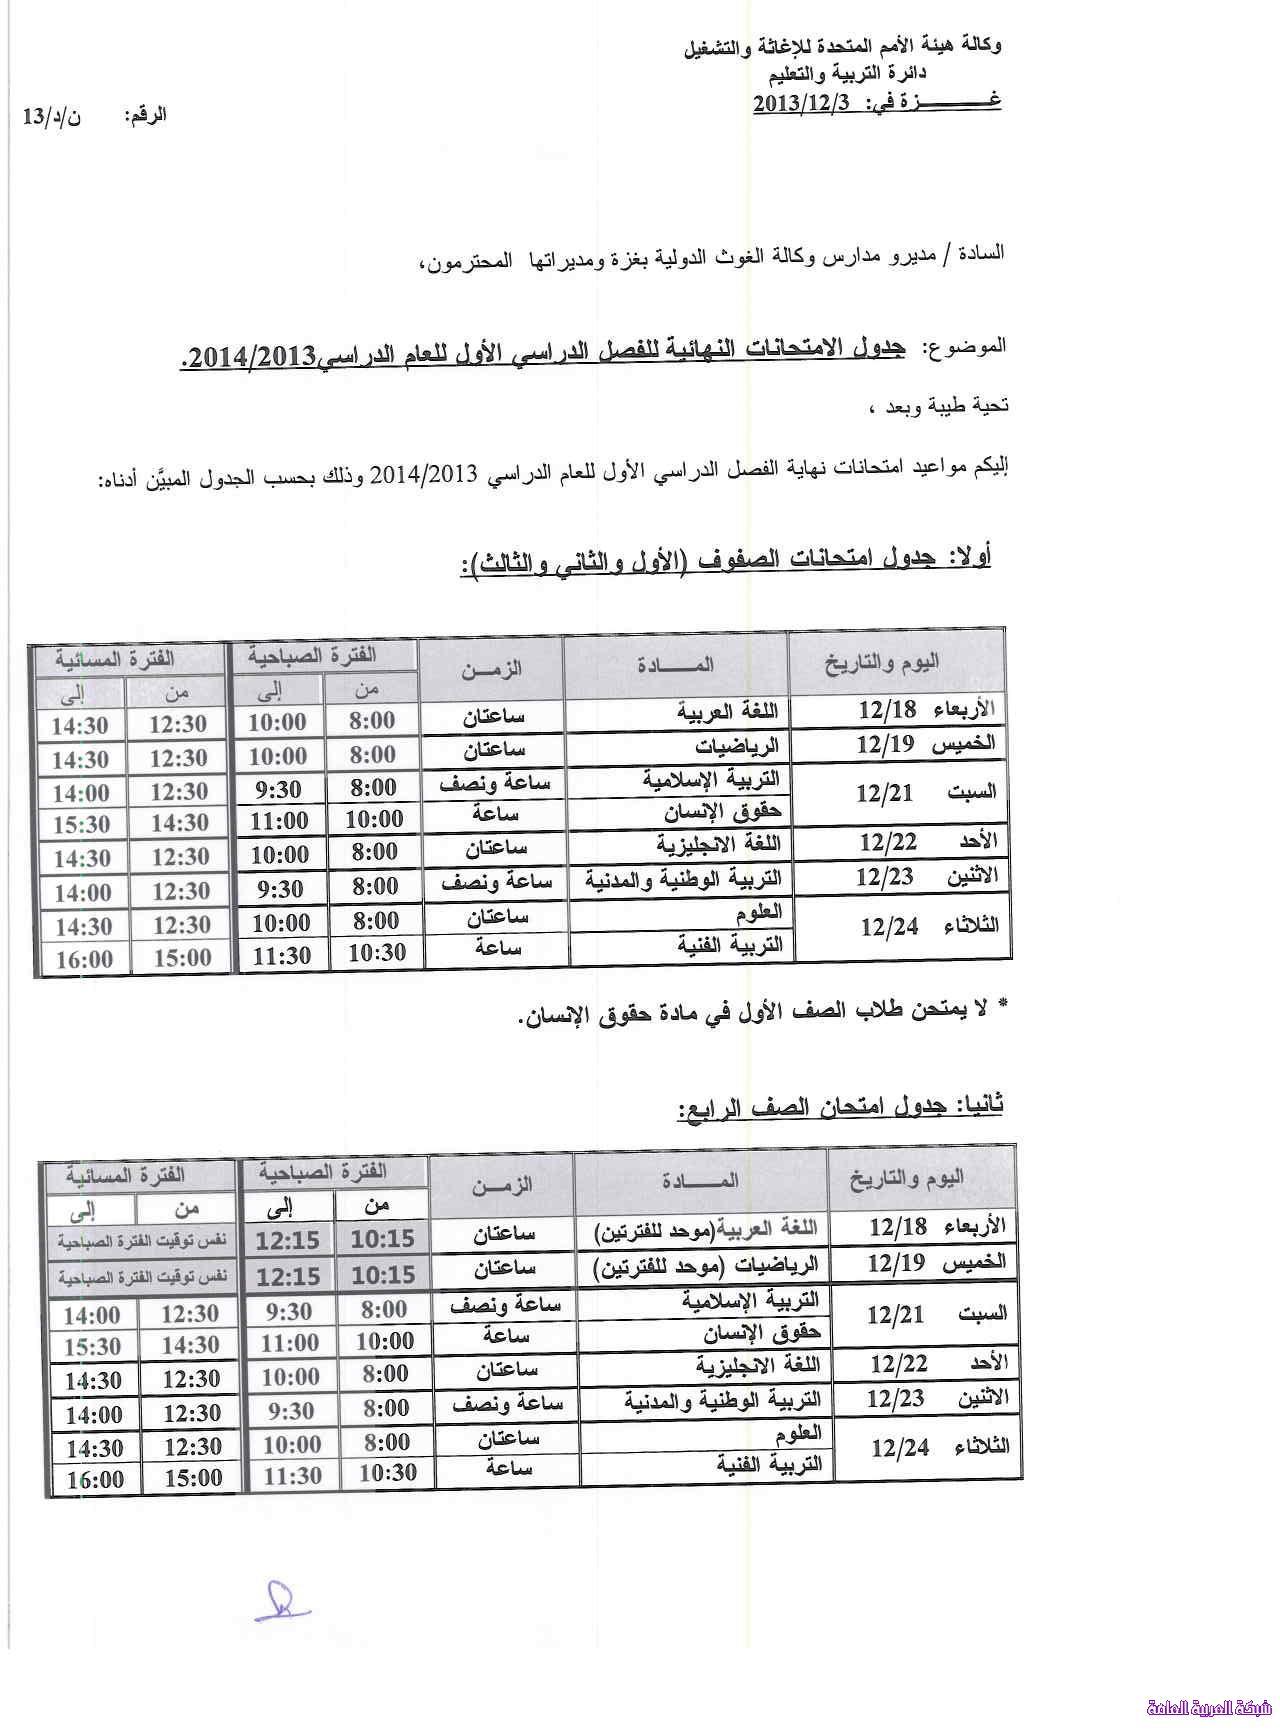 جدول امتحان نهاية الفصل الاول وكالة الغوث 1386079299731.jpg